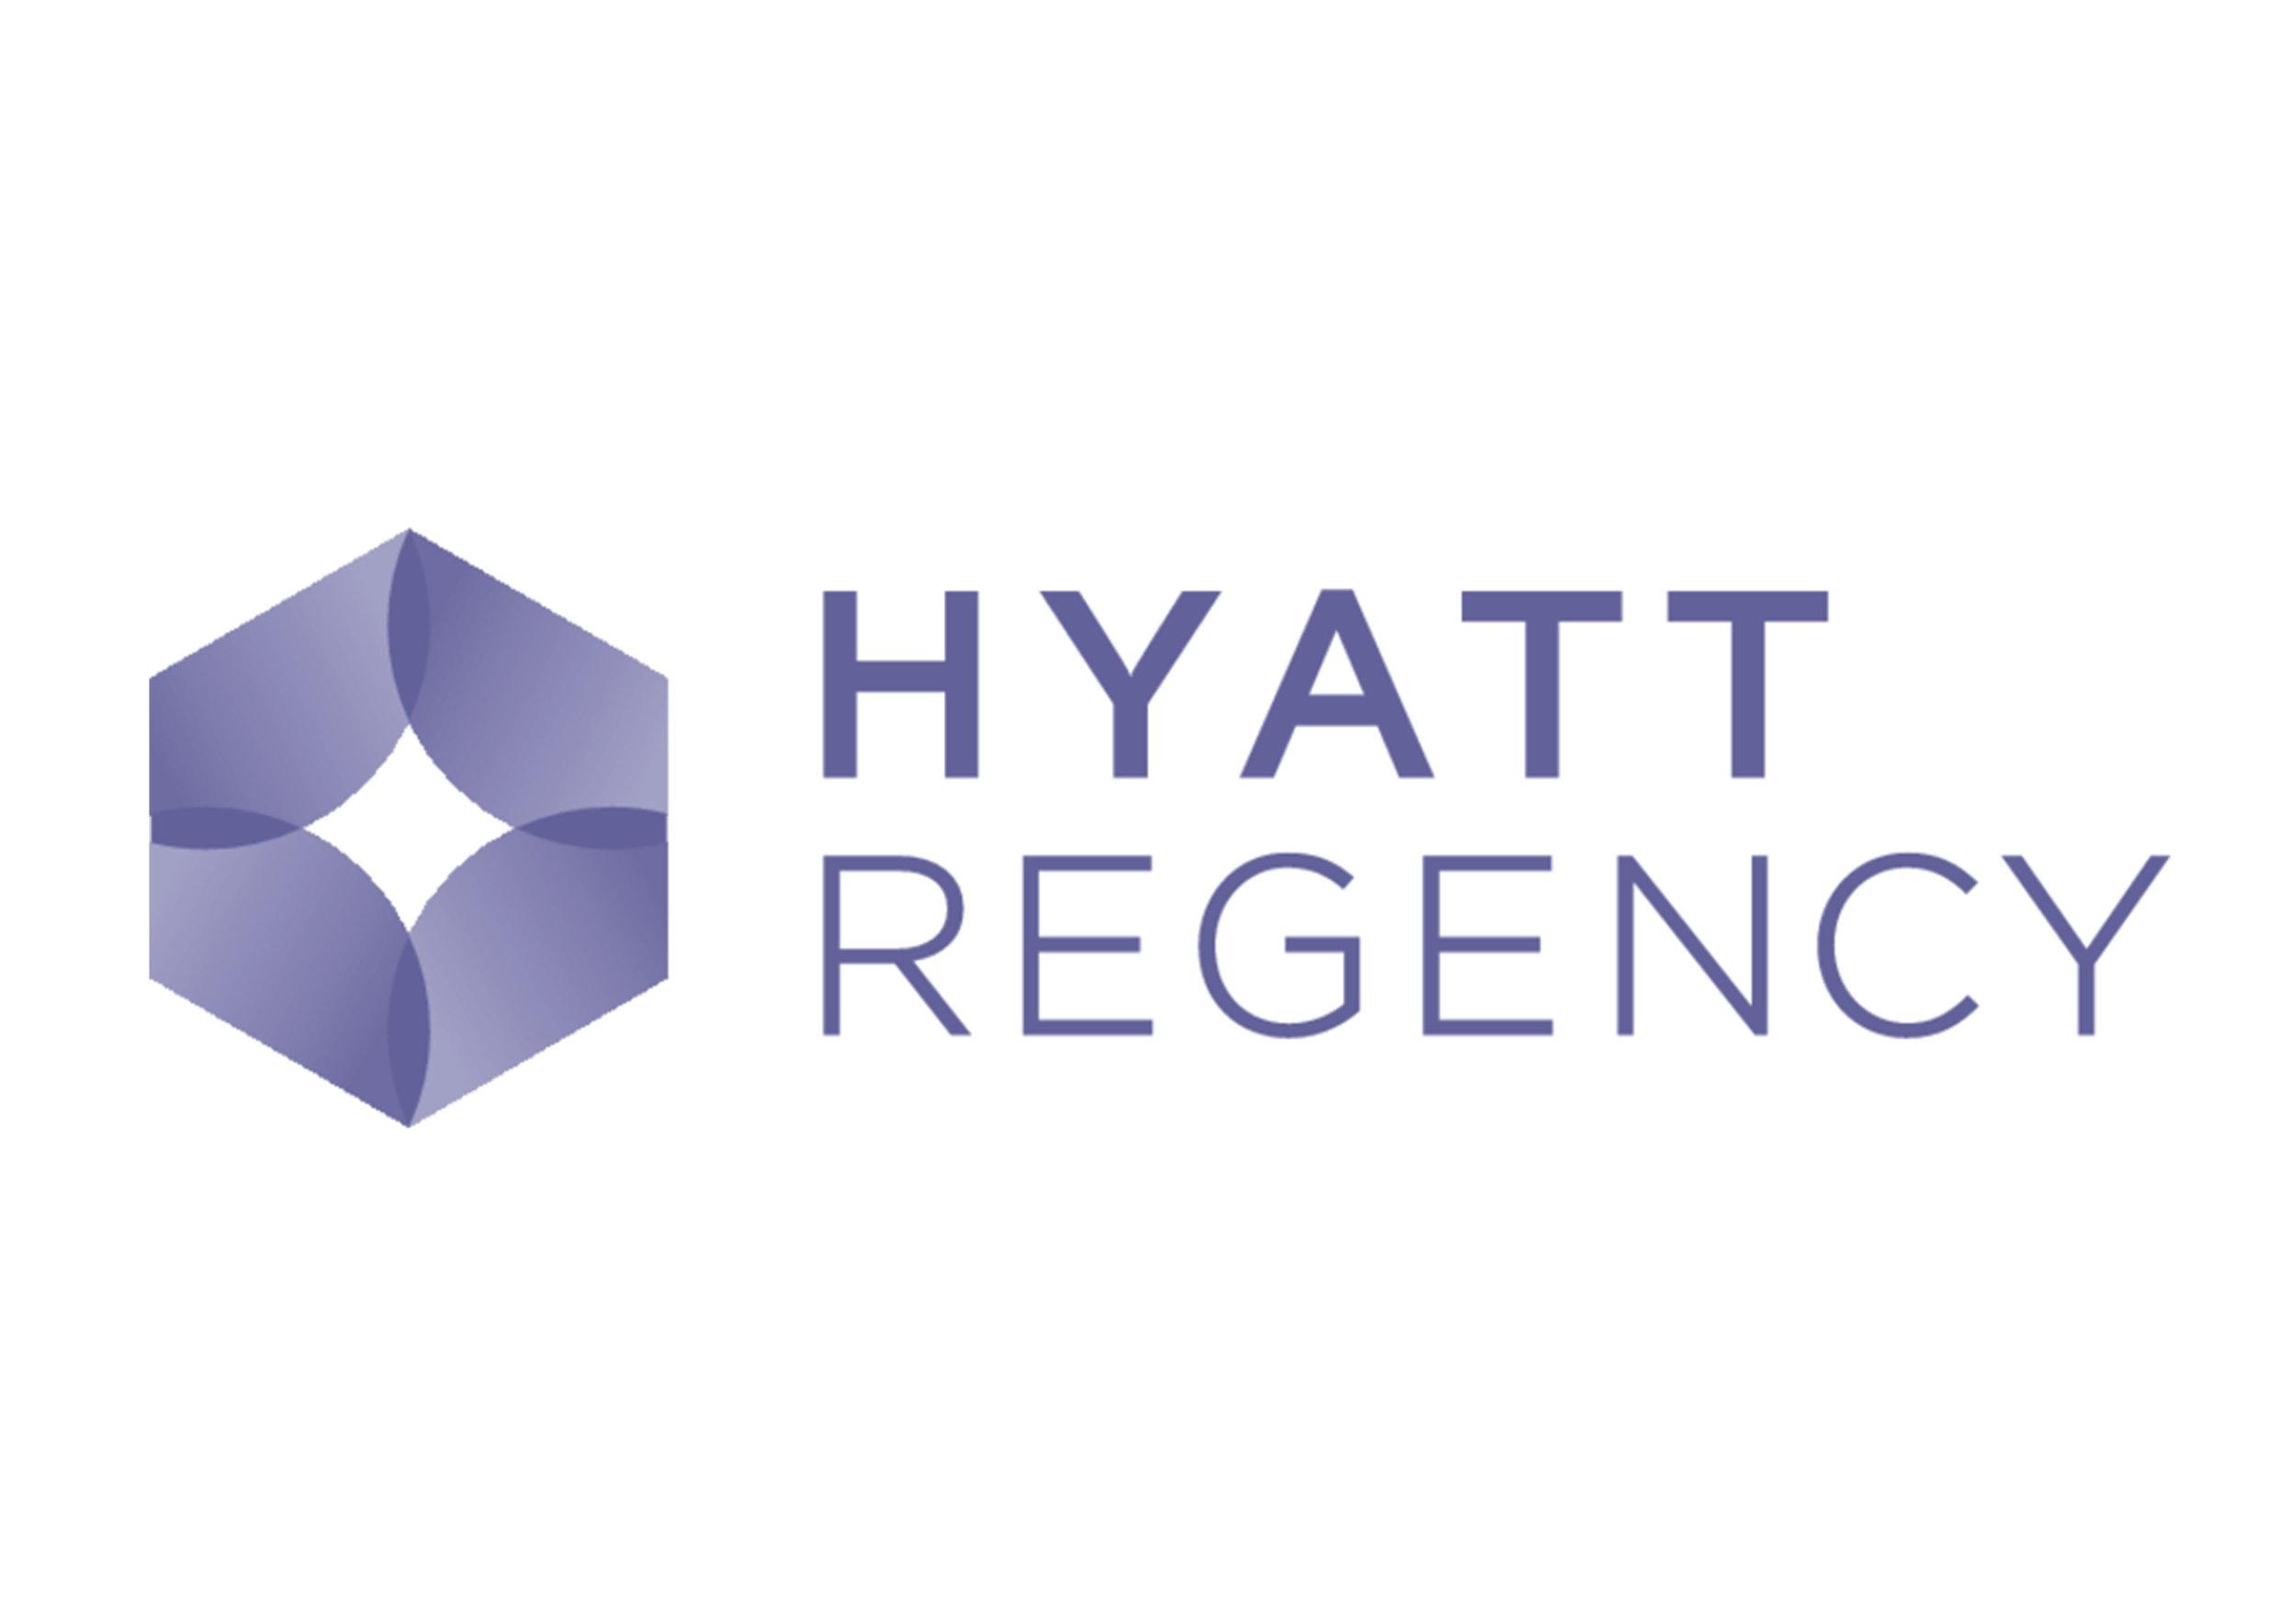 Hyatt Regency.jpg